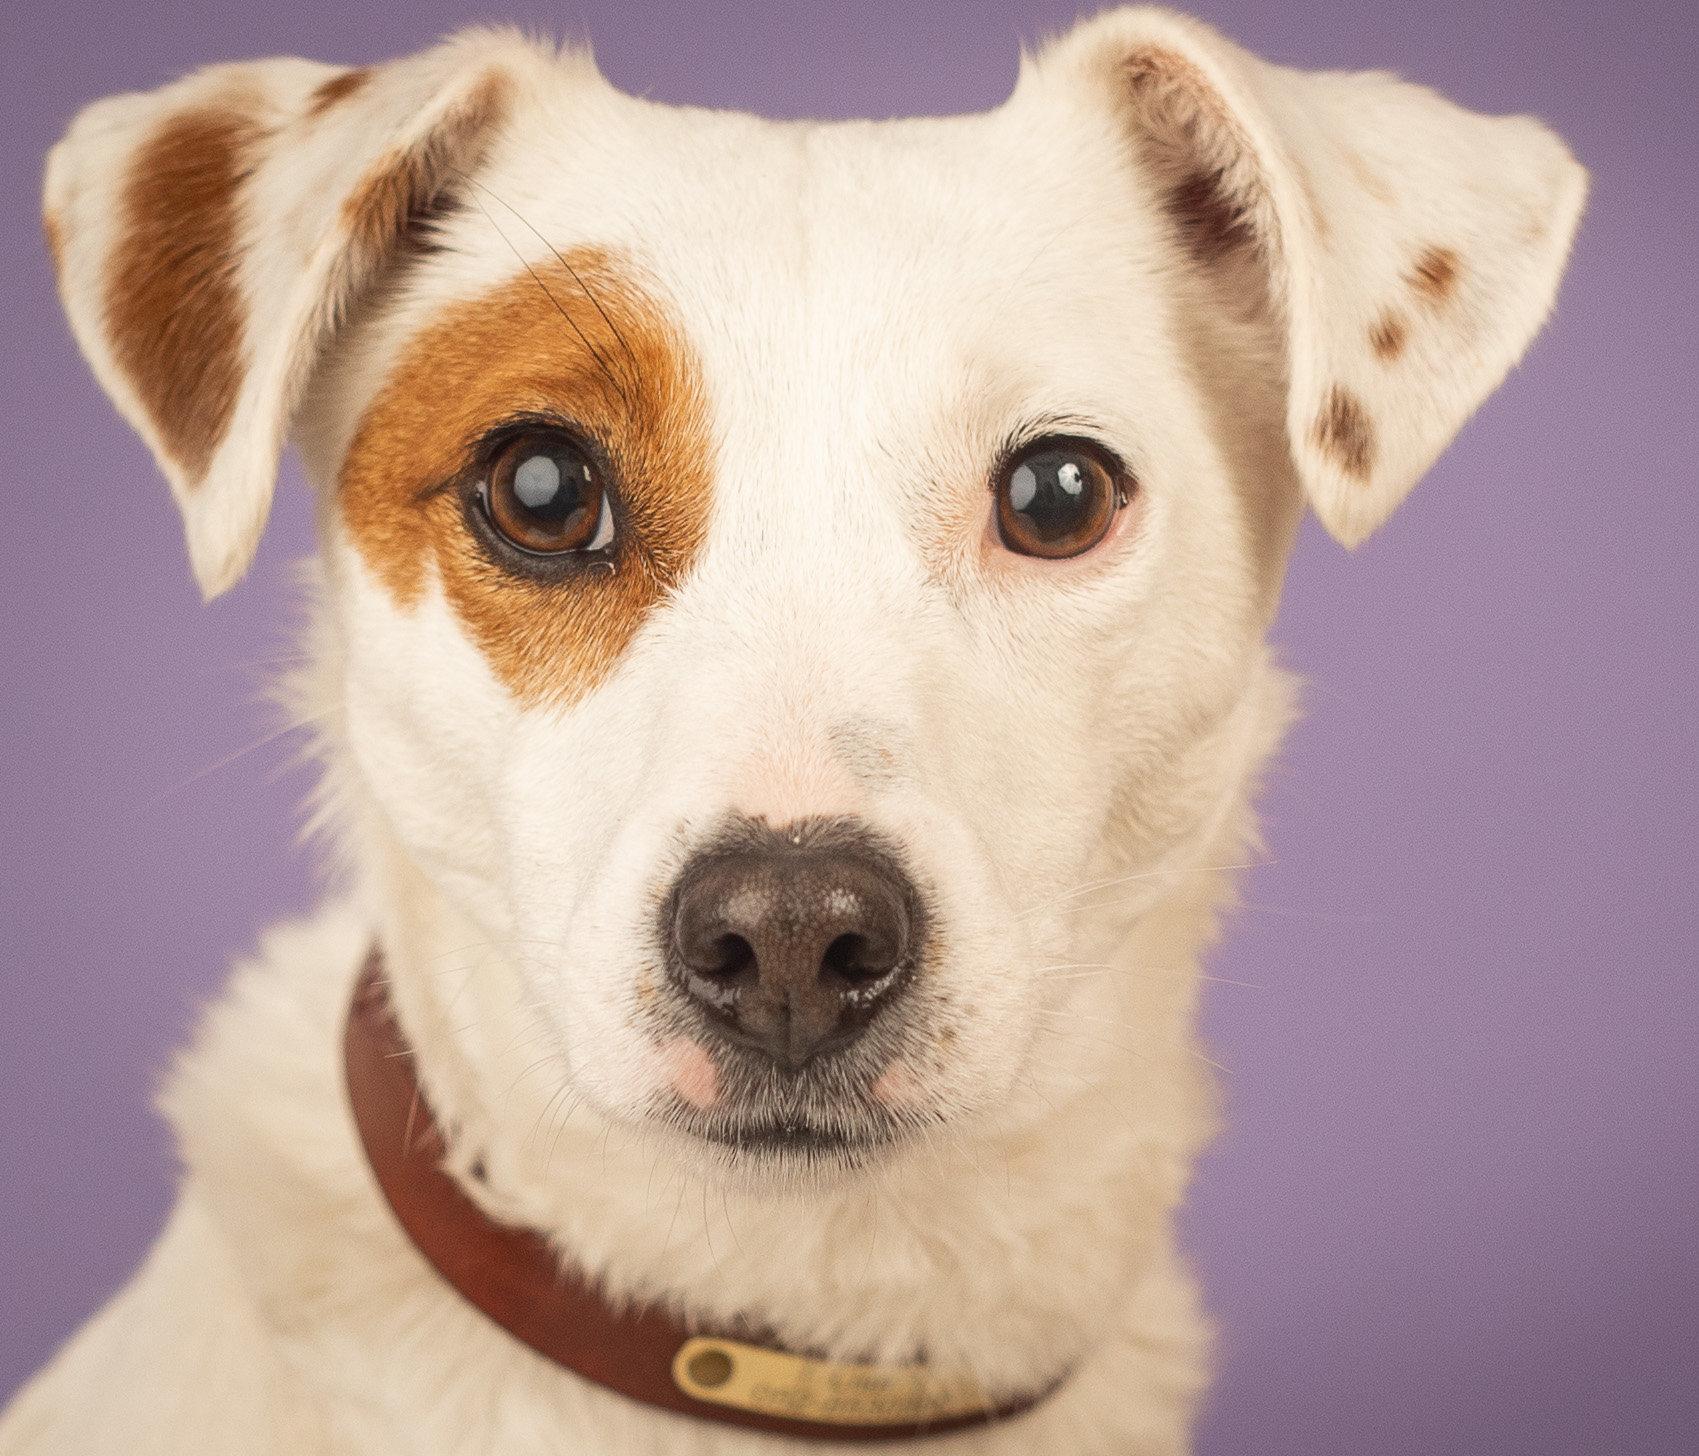 חיסונים לגורים - מתן חיסונים לגורי כלבים